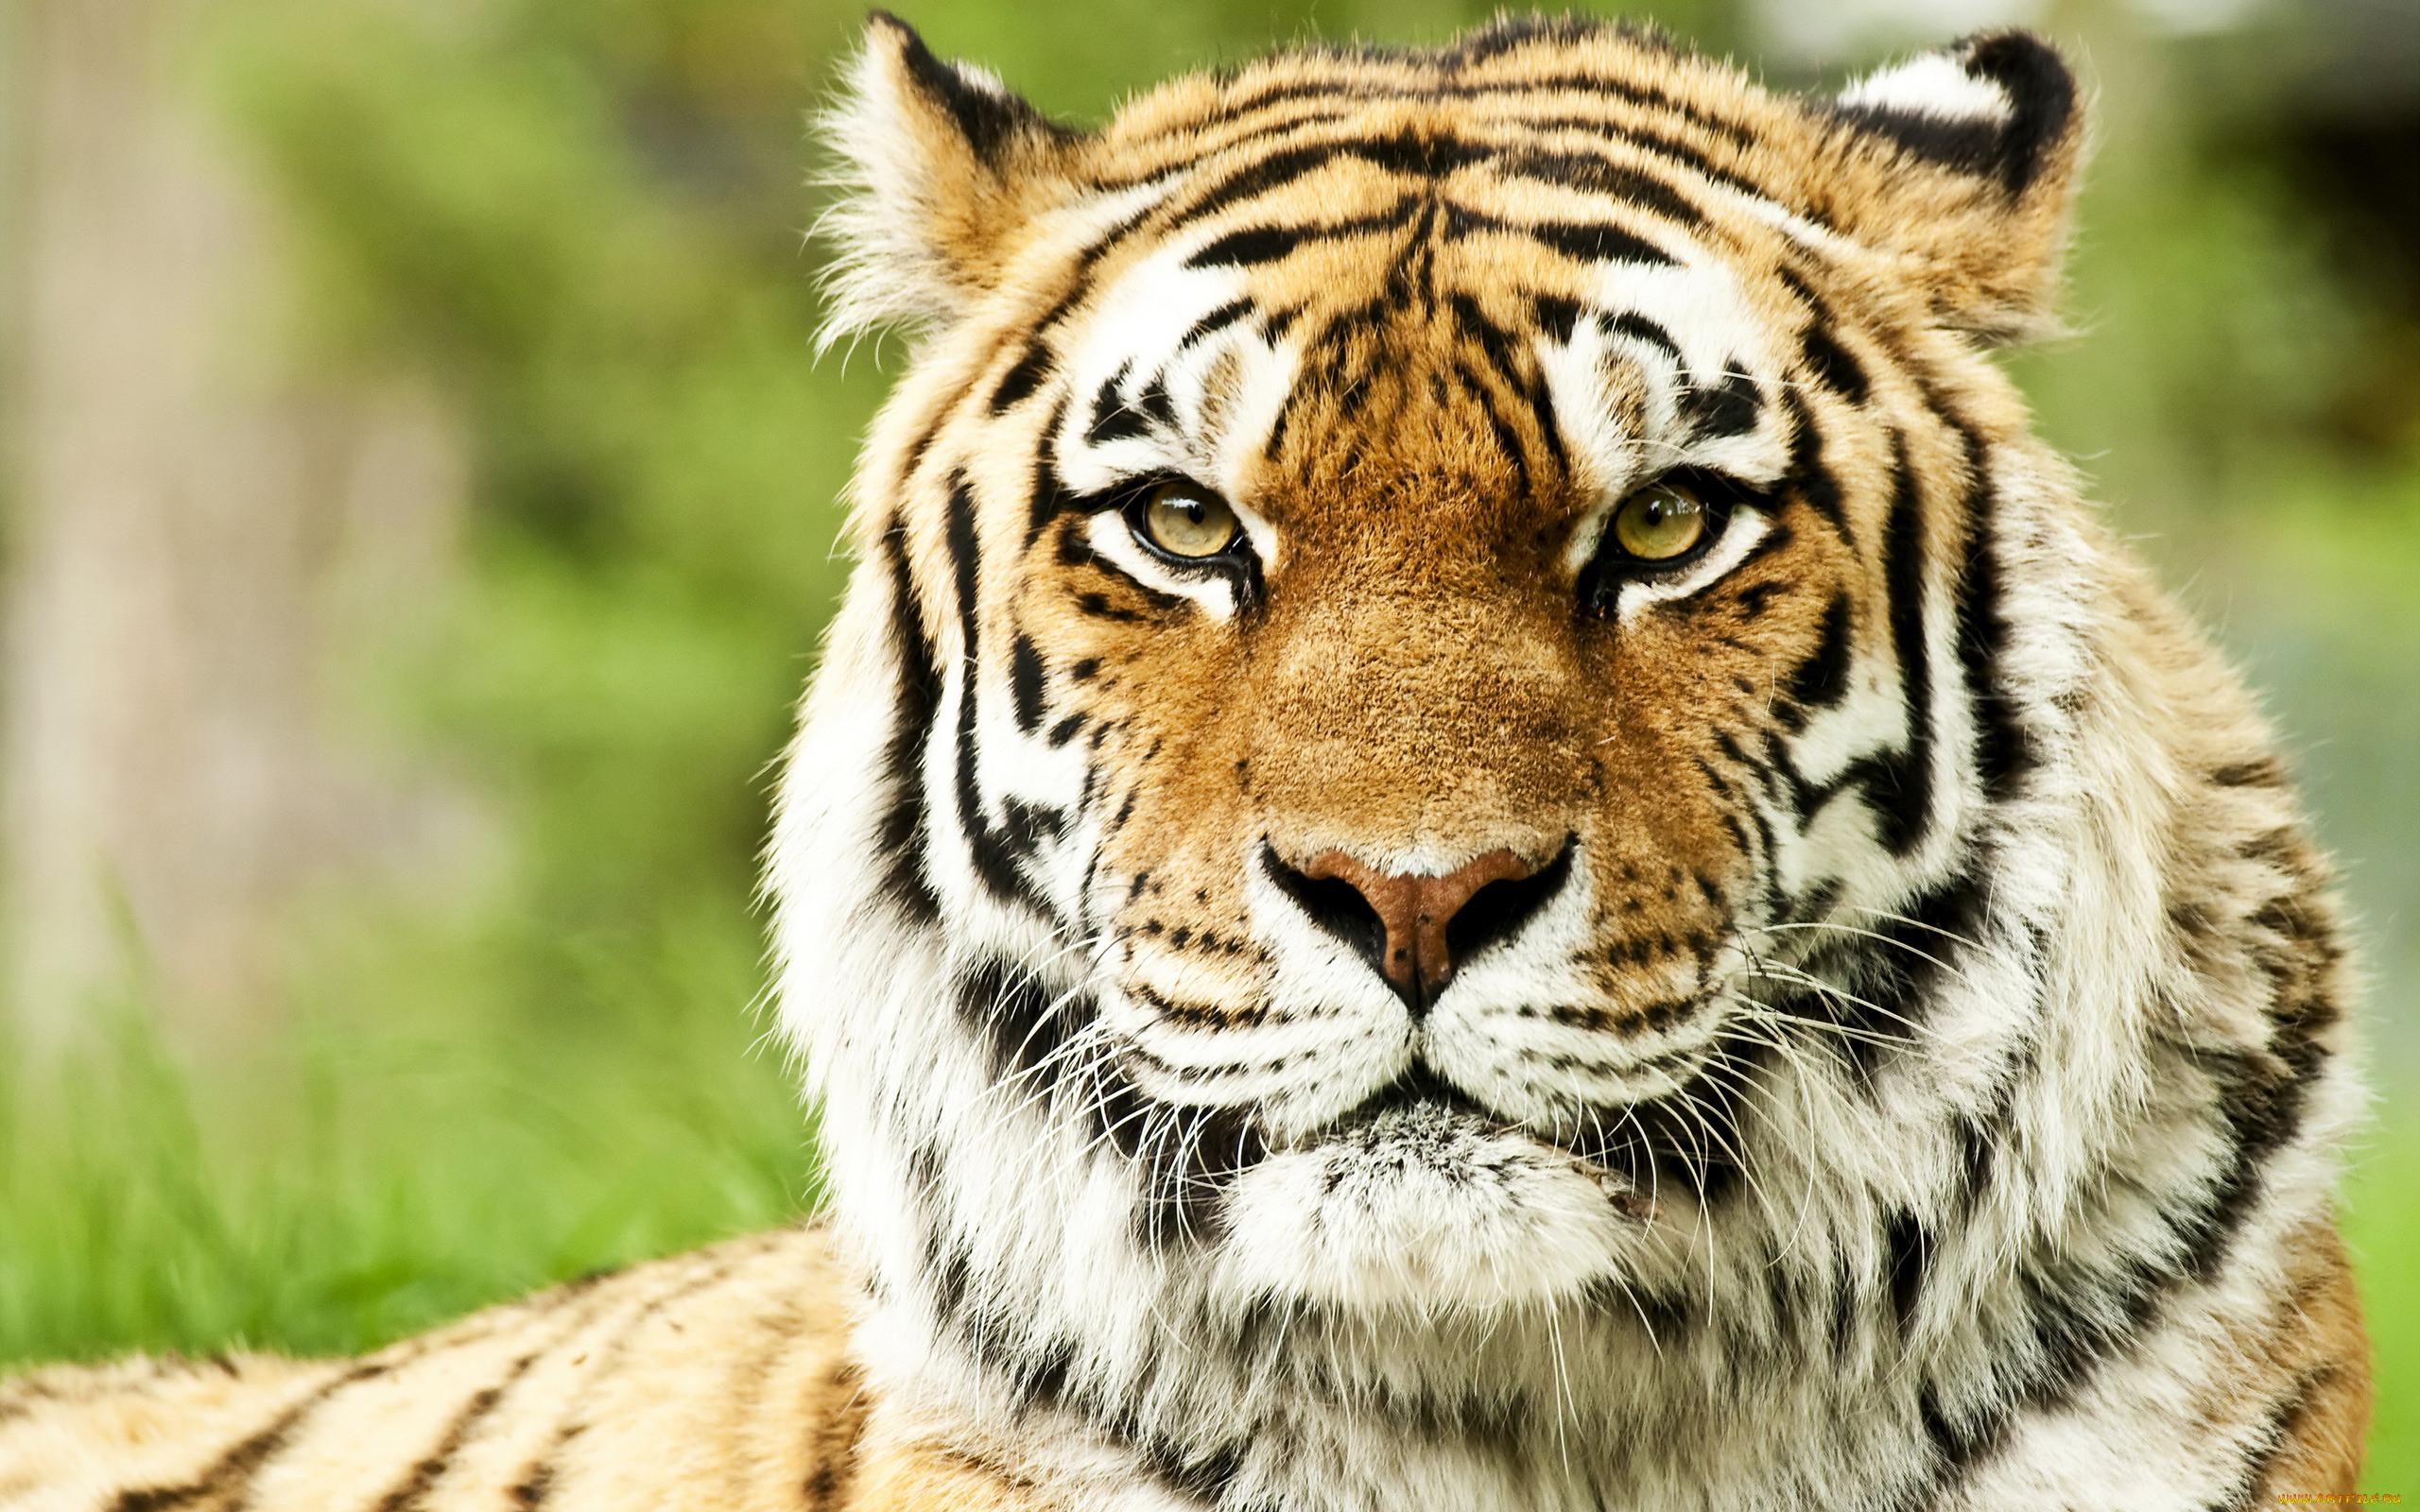 тигры картинки высокого качества всего